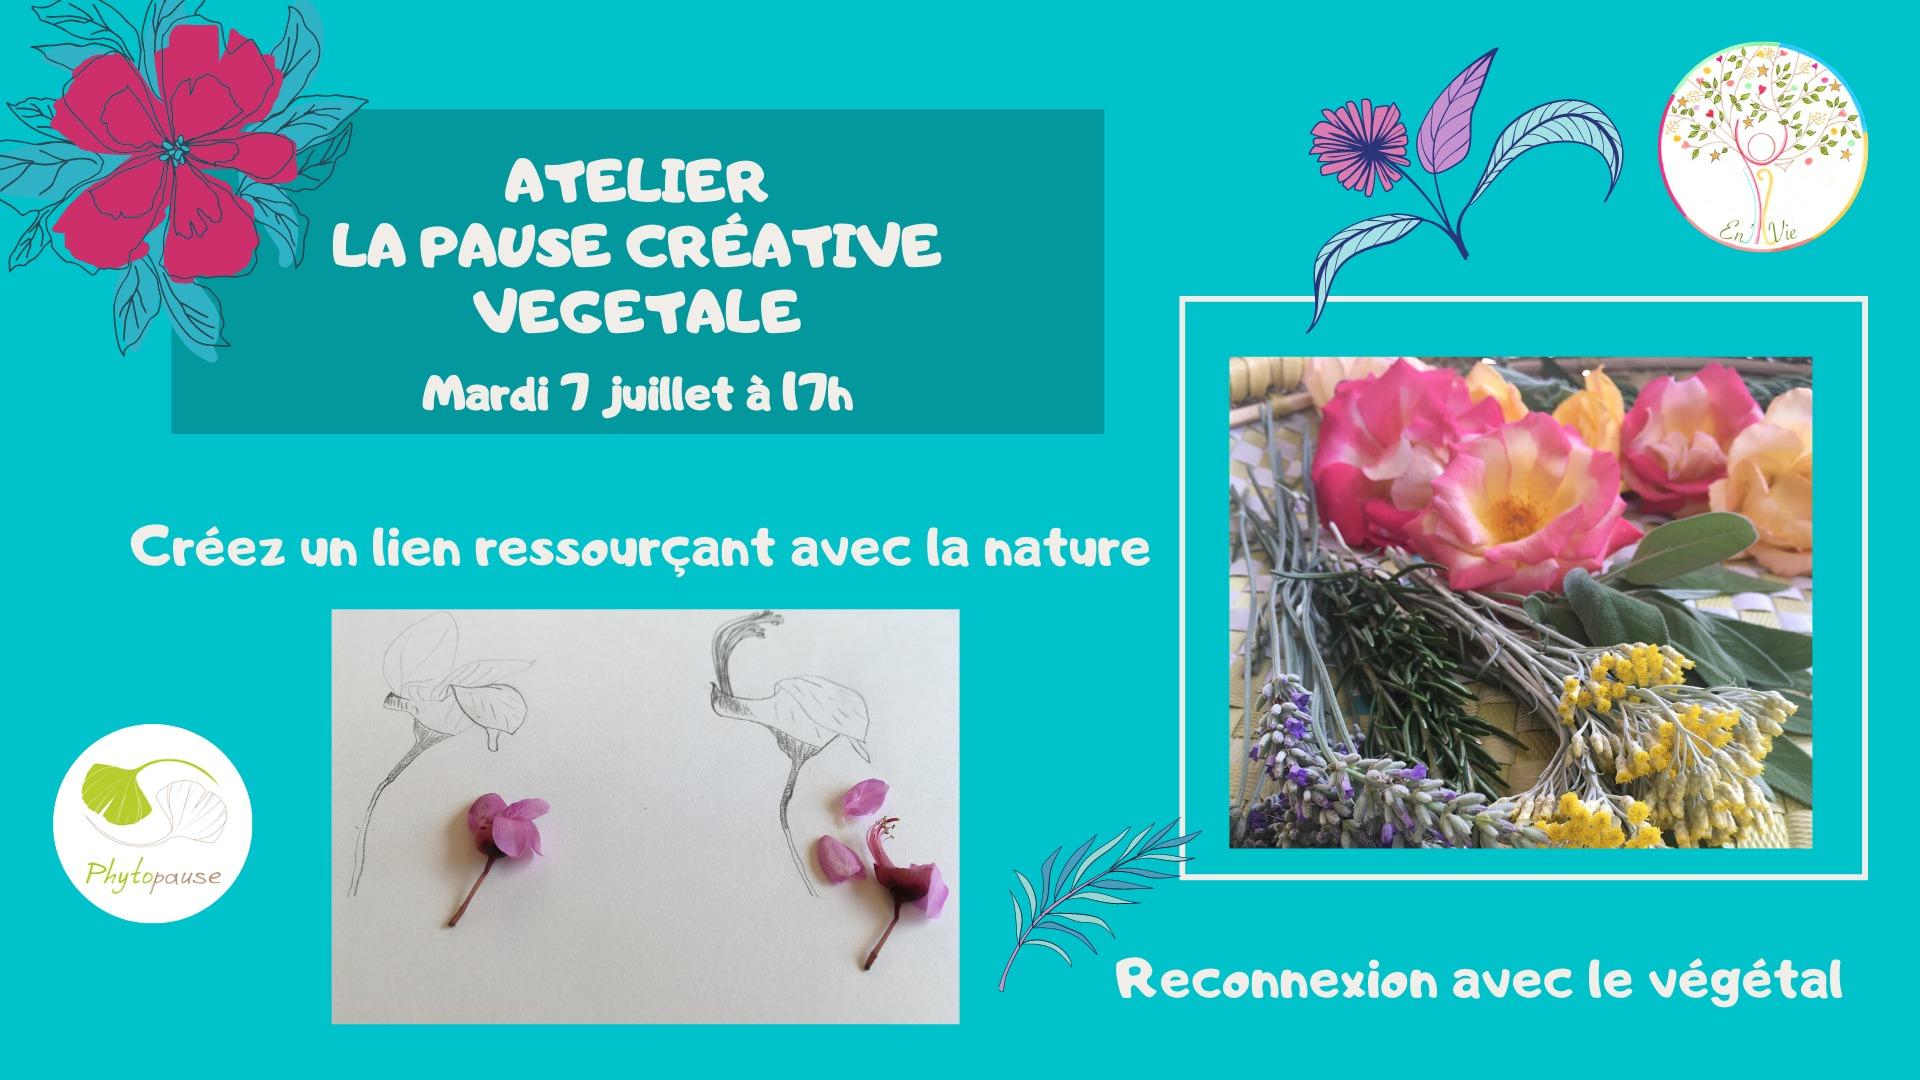 Une invitation de création avec la nature